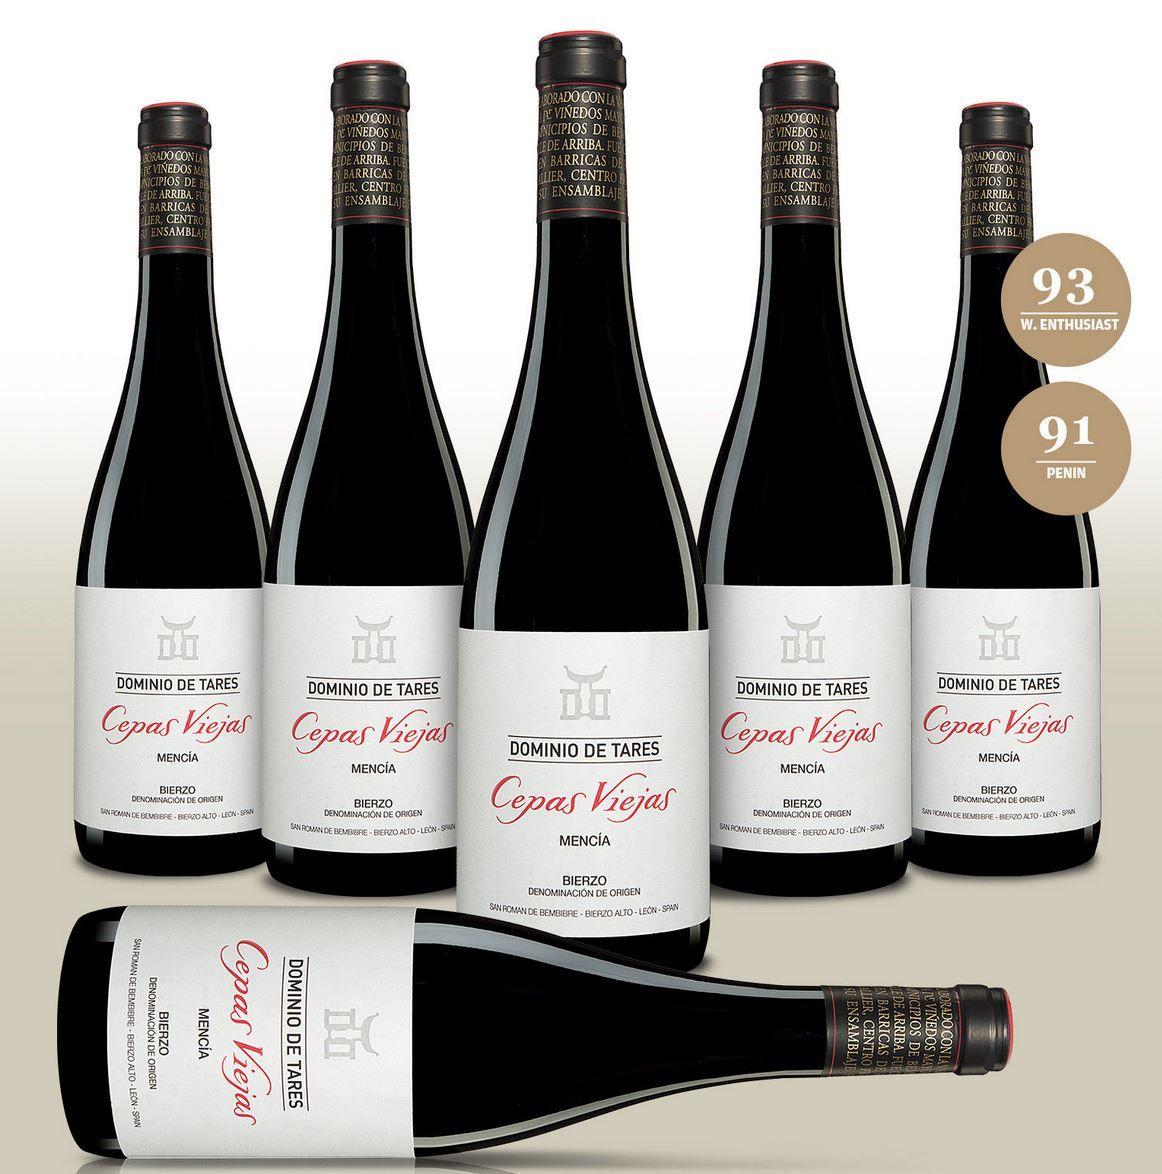 Dominio de Tares Cepas Viejas Mencia 2015   6Fl. trockener spanischer Rotwein für 60€